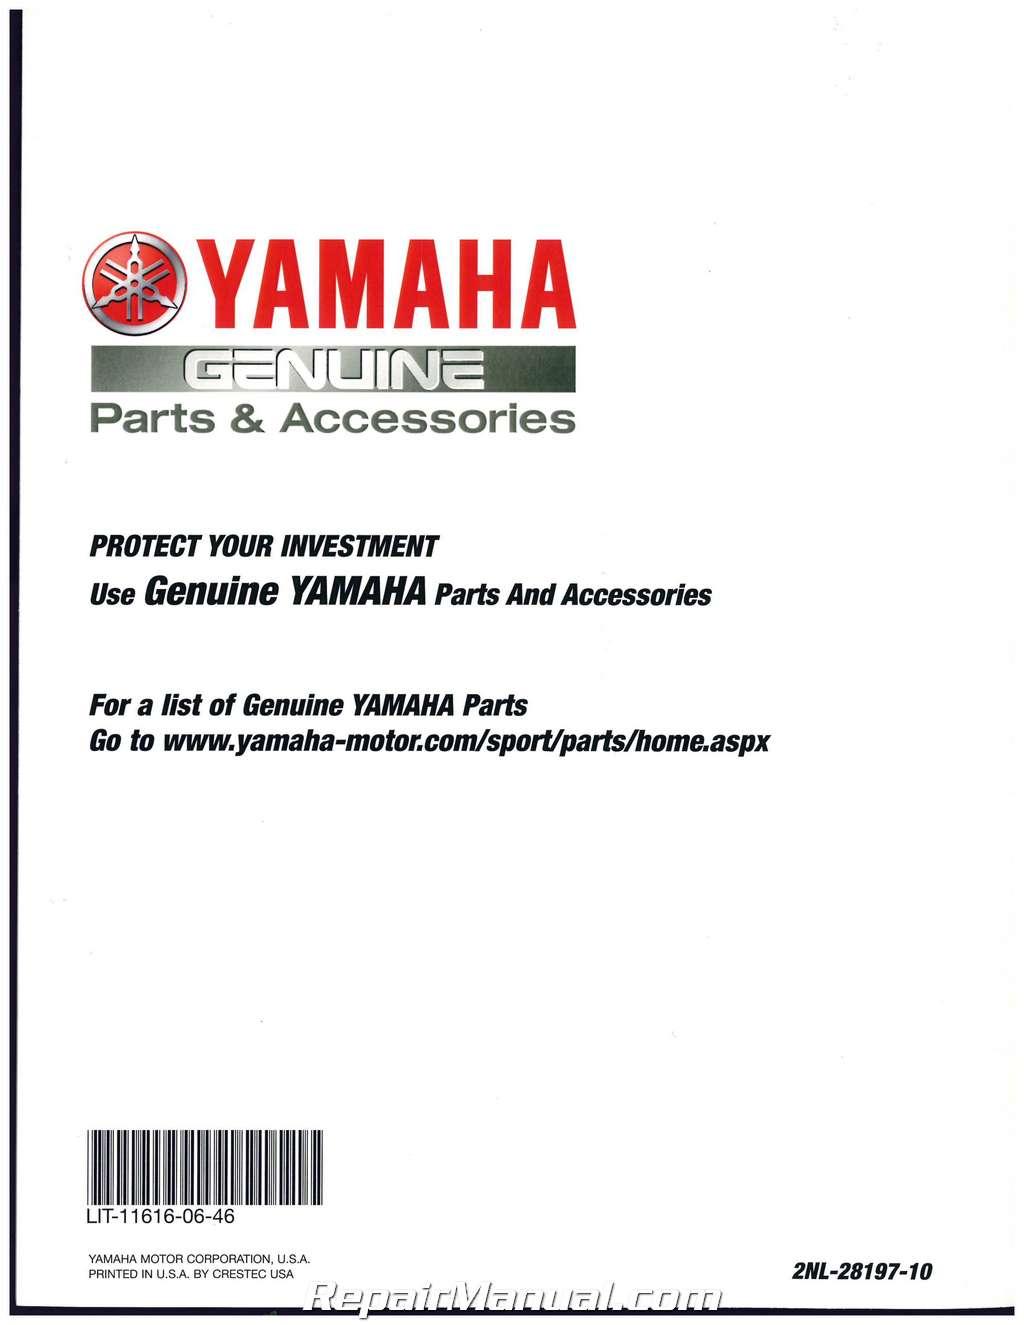 1988 yamaha yfp350 terra pro atv service manual rh repairmanual com Yamaha Terrapro Attachments 1988 yamaha terrapro repair manual